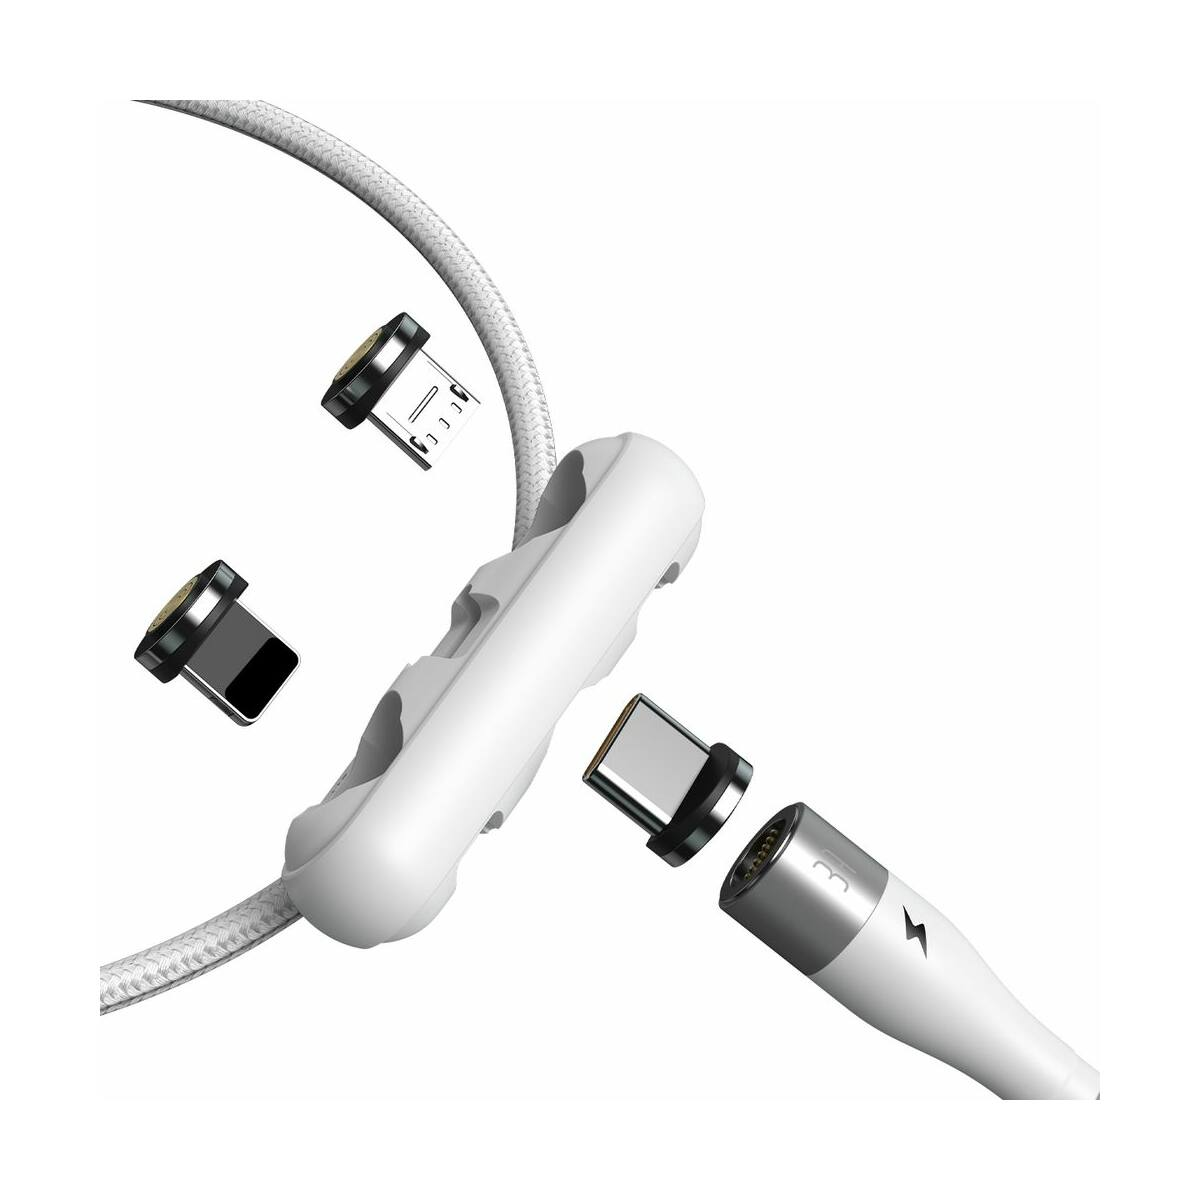 Baseus Univerzális kábel, Zinc mágneses USB véggel + töltőfej szett (Lightning/Type-C/Micro) 3A, 1m, fehér (CA1T3-A02)